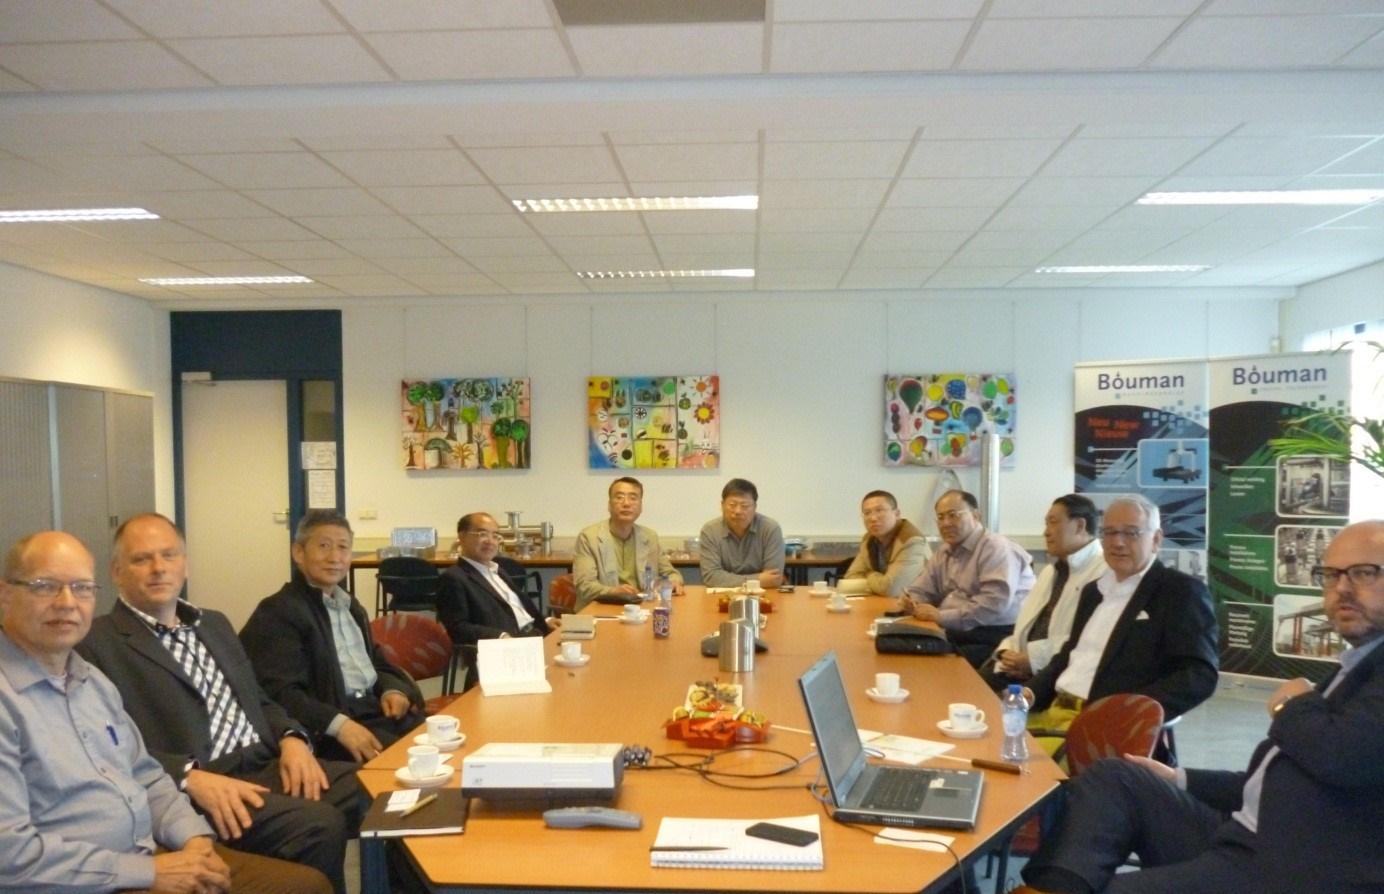 Delegatie uit Beijing (China) met focus op water en luchtzuivering bij Bouman Industries